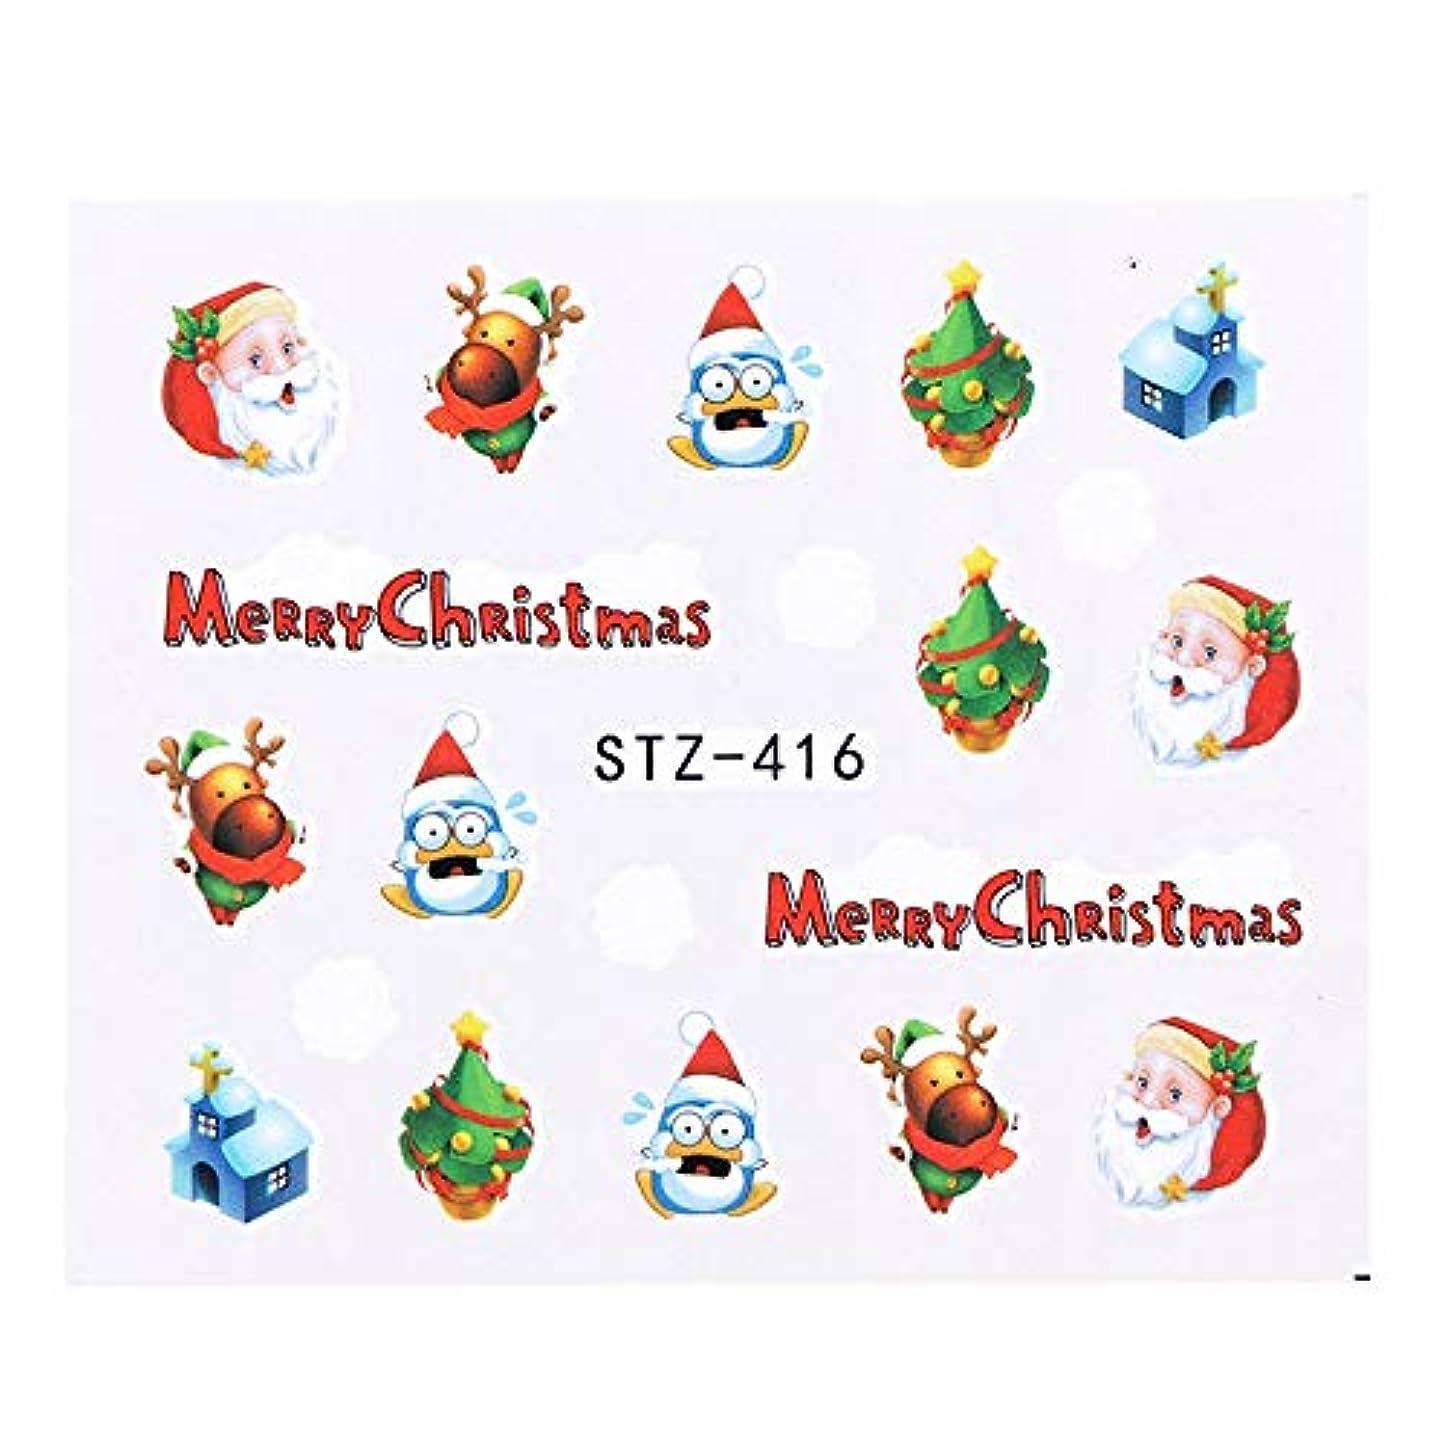 上記の頭と肩作り繊細1シートクリスマスネイルアートウォーターステッカー漫画ヘラジカ雪だるまフルカバースライダーのヒントポーランドゲルジェルネイル装飾SASTZ405-438 STZ416